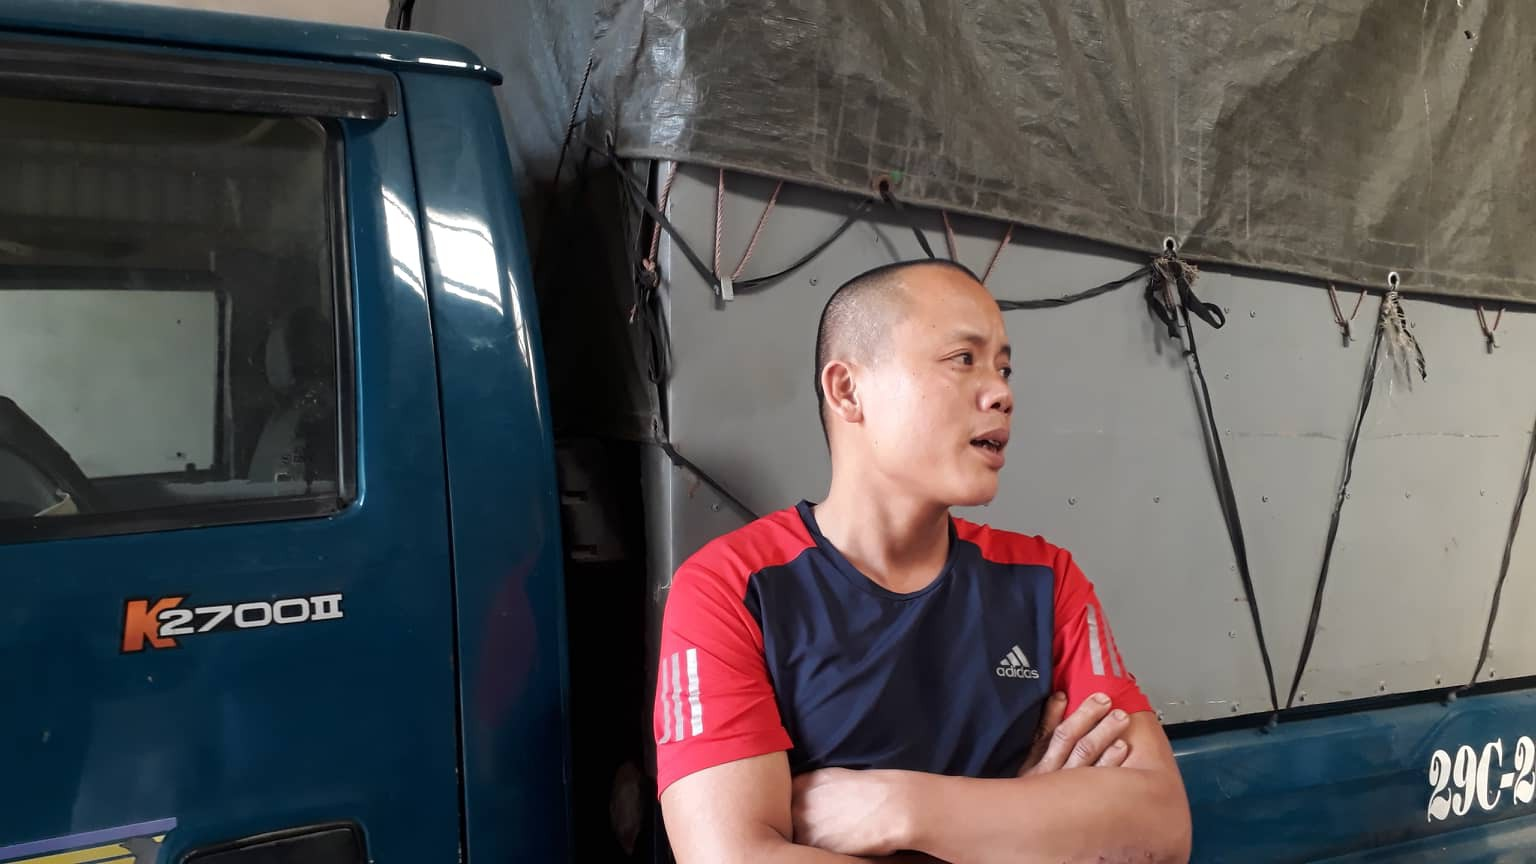 Vụ thầy giáo bị tố dâm ô học sinh nữ ở Bắc Giang: Phụ huynh nói không kiện cáo, thầy giáo vẫn muốn gắn bó với nghề - Ảnh 3.